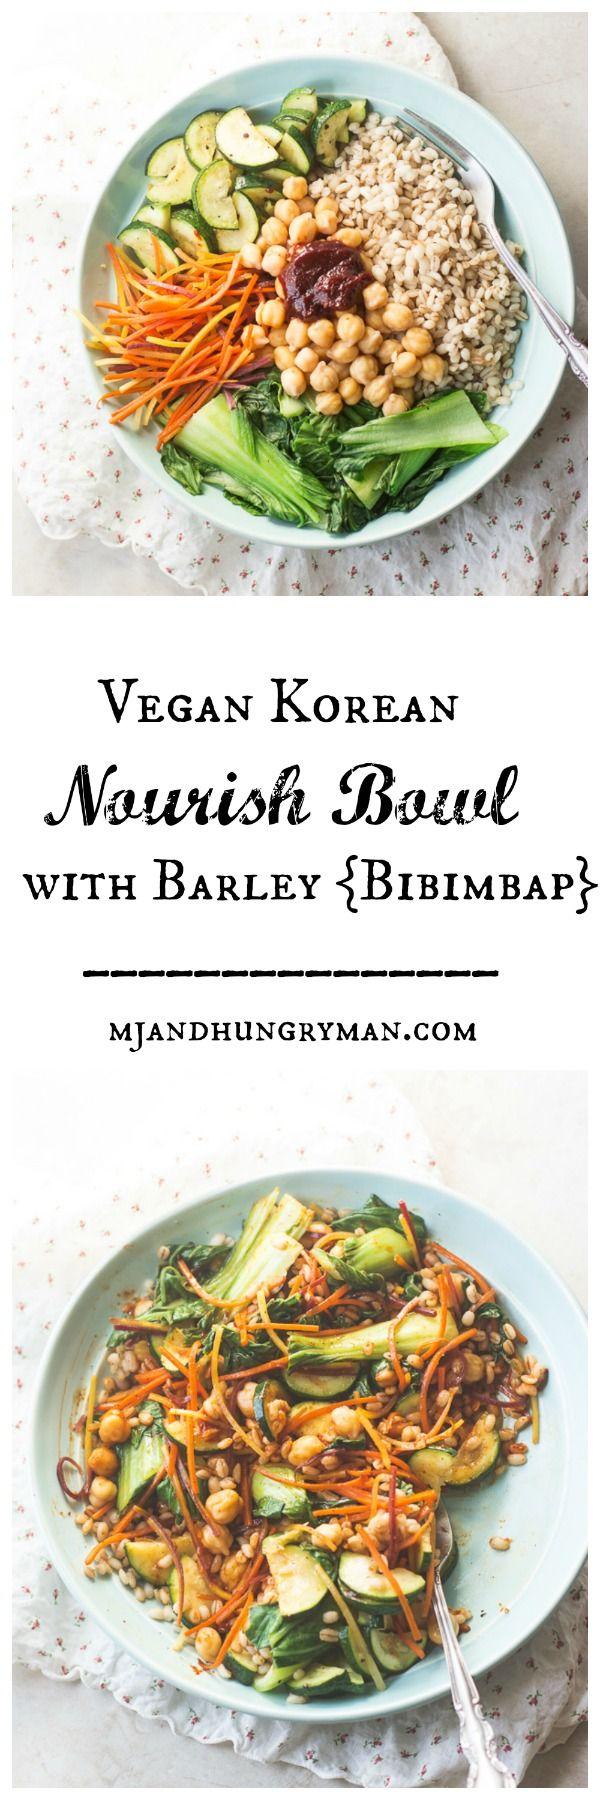 Vegan Korean Nourish Bowl with Barley {Bibimbap} @mjandhungryman - make sure your kimchi is vegan if you choose to use!